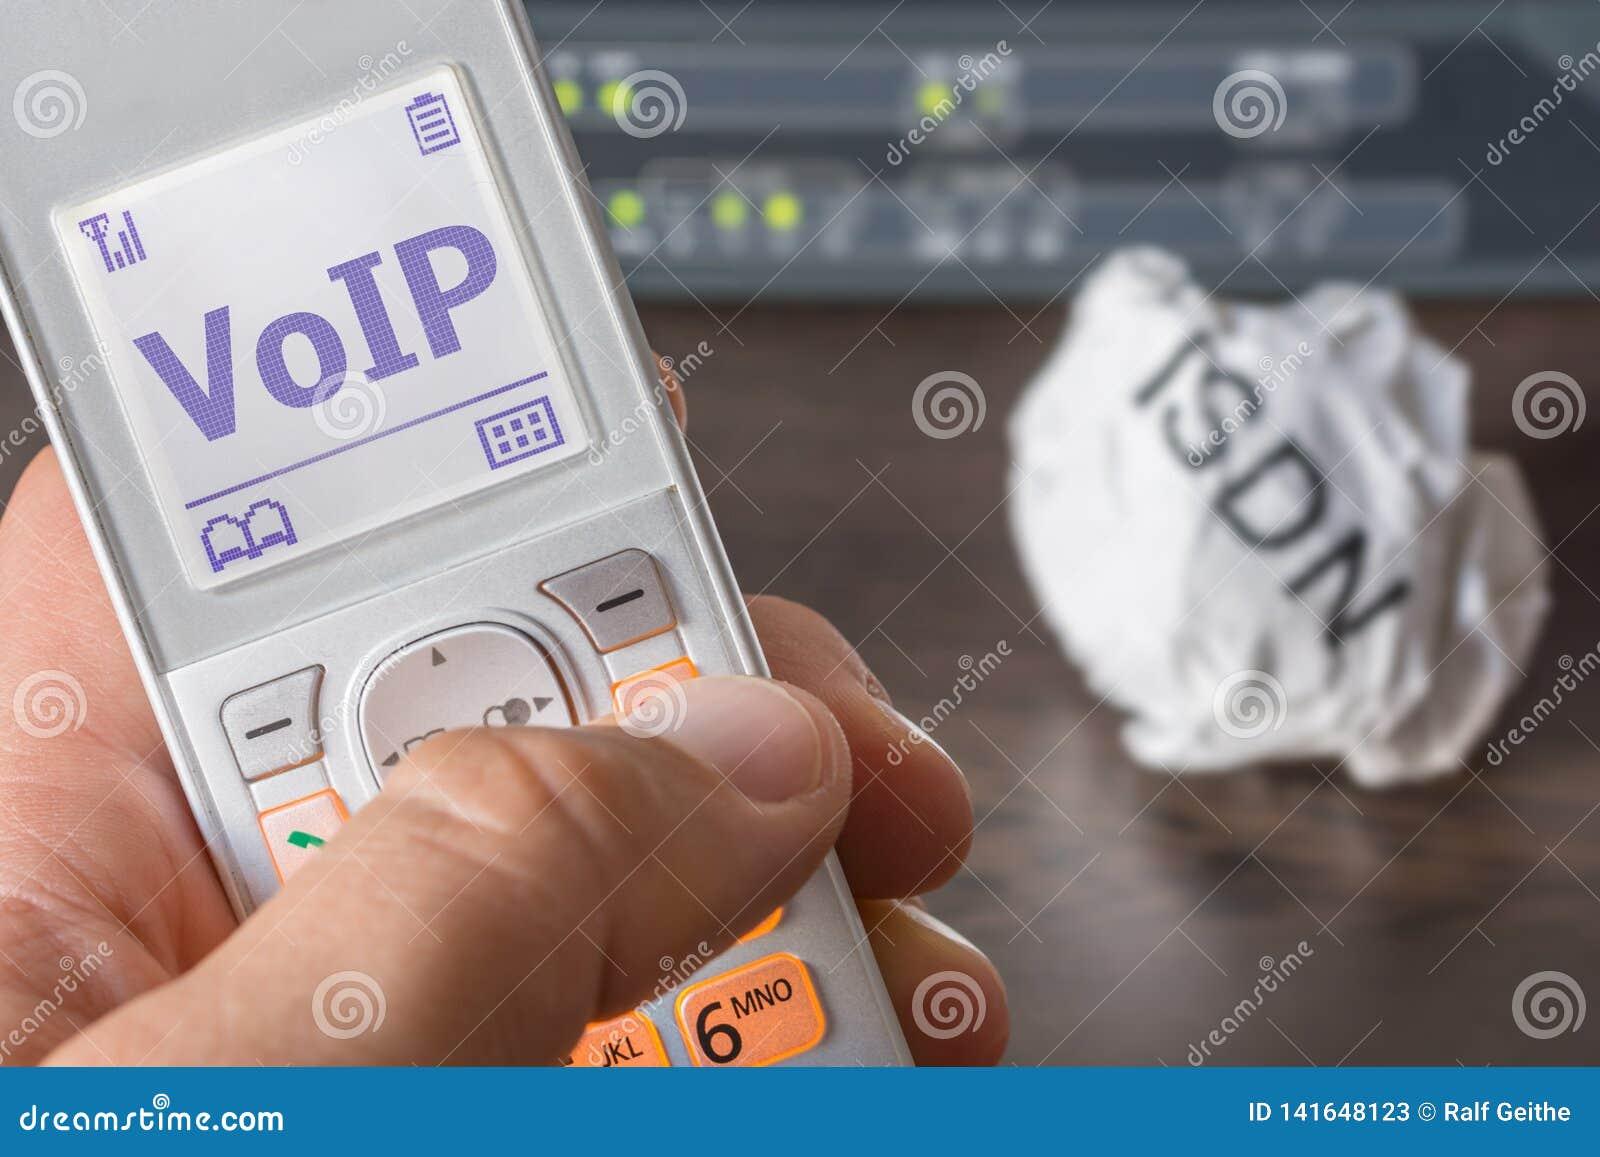 Głos nad IP jako nowy standard telekomunikacja w biurze